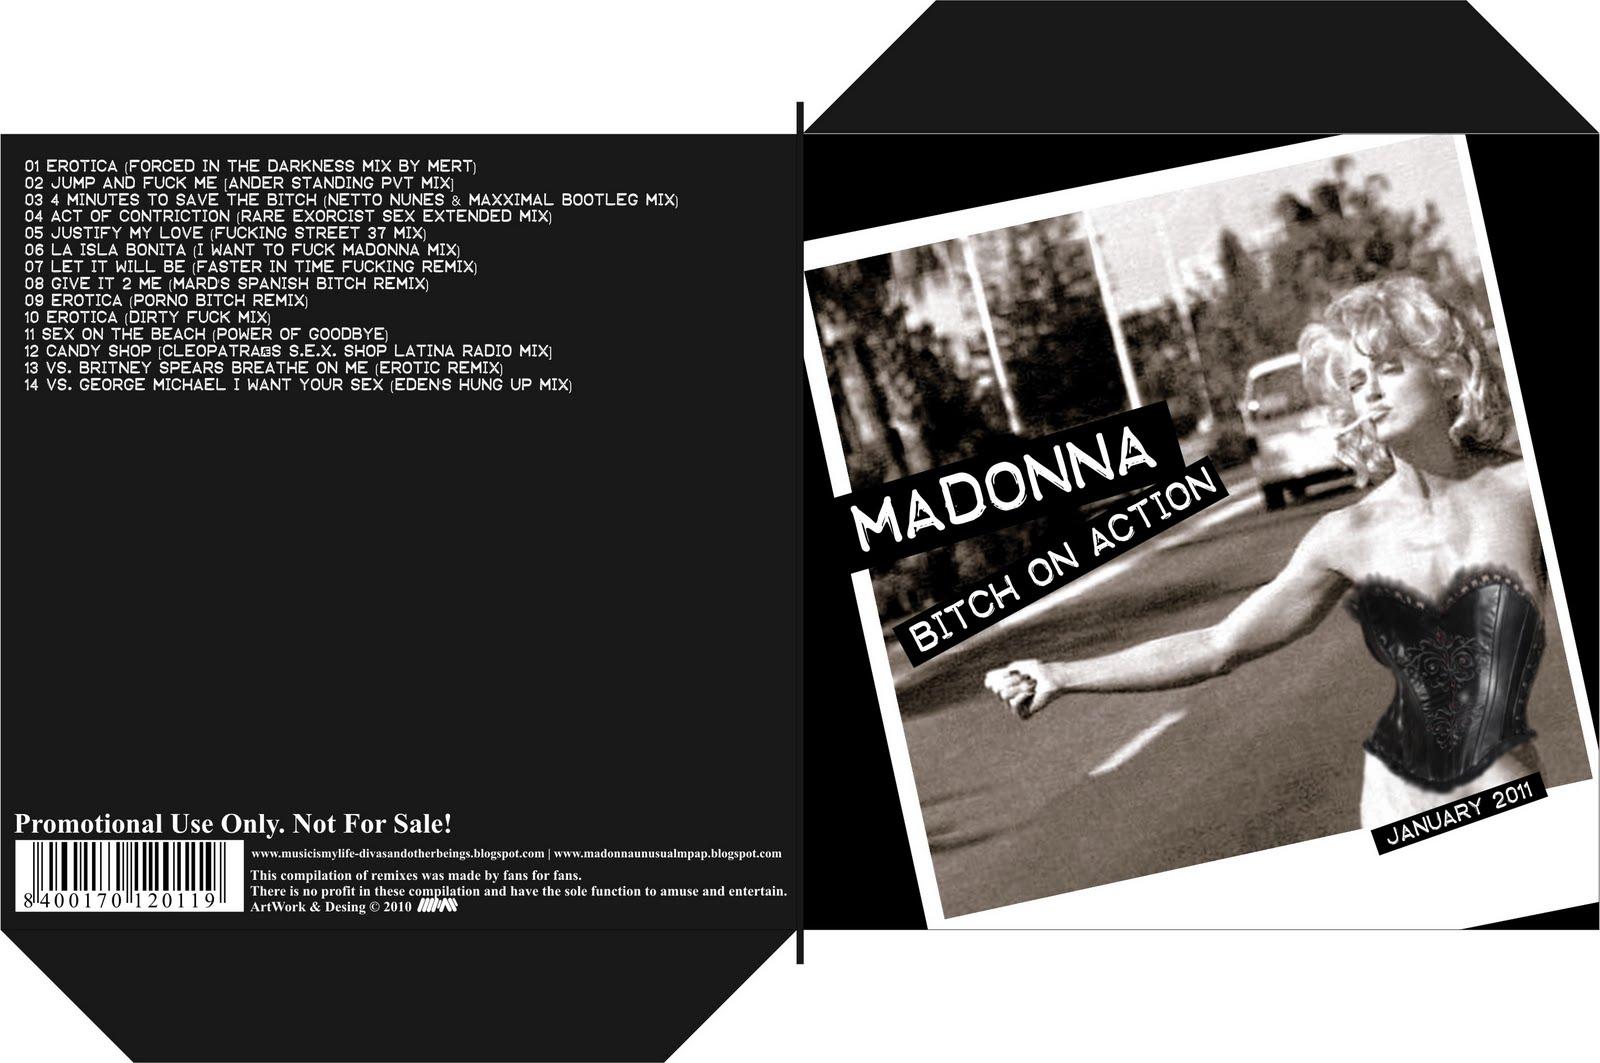 http://2.bp.blogspot.com/_yCwqhQAlrcY/TTTXiFOLLPI/AAAAAAAAFWQ/pDv14a28w5o/s1600/Madonna%2BBitch%2BOn%2BAction%2BArtwork.jpg